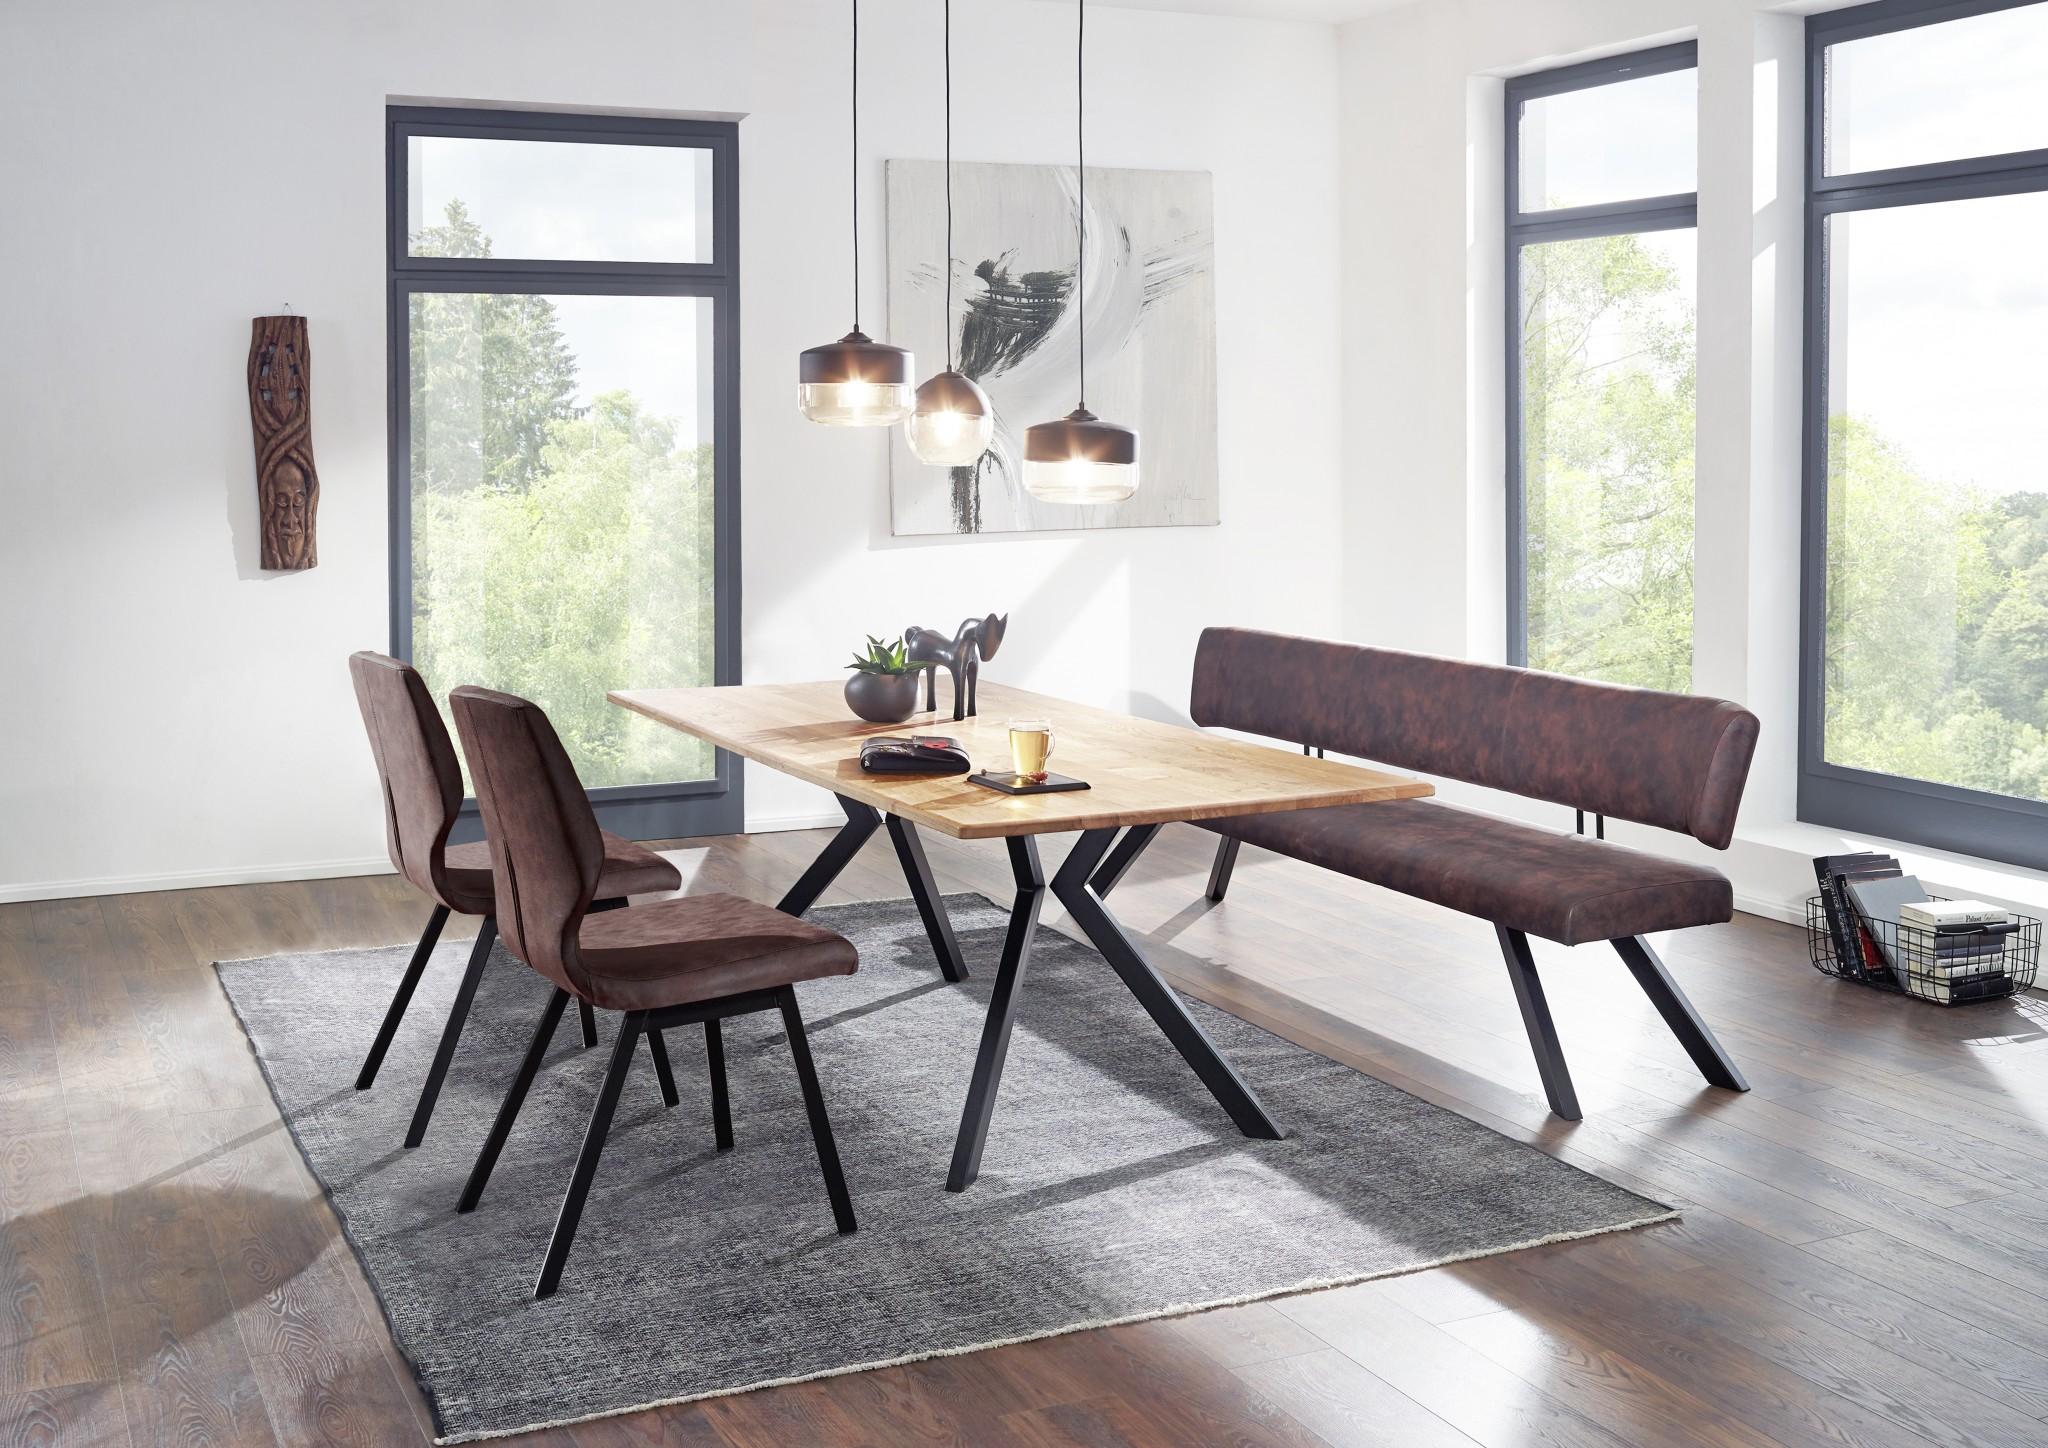 topline 1855 tischgruppe m bel polt m belhaus. Black Bedroom Furniture Sets. Home Design Ideas